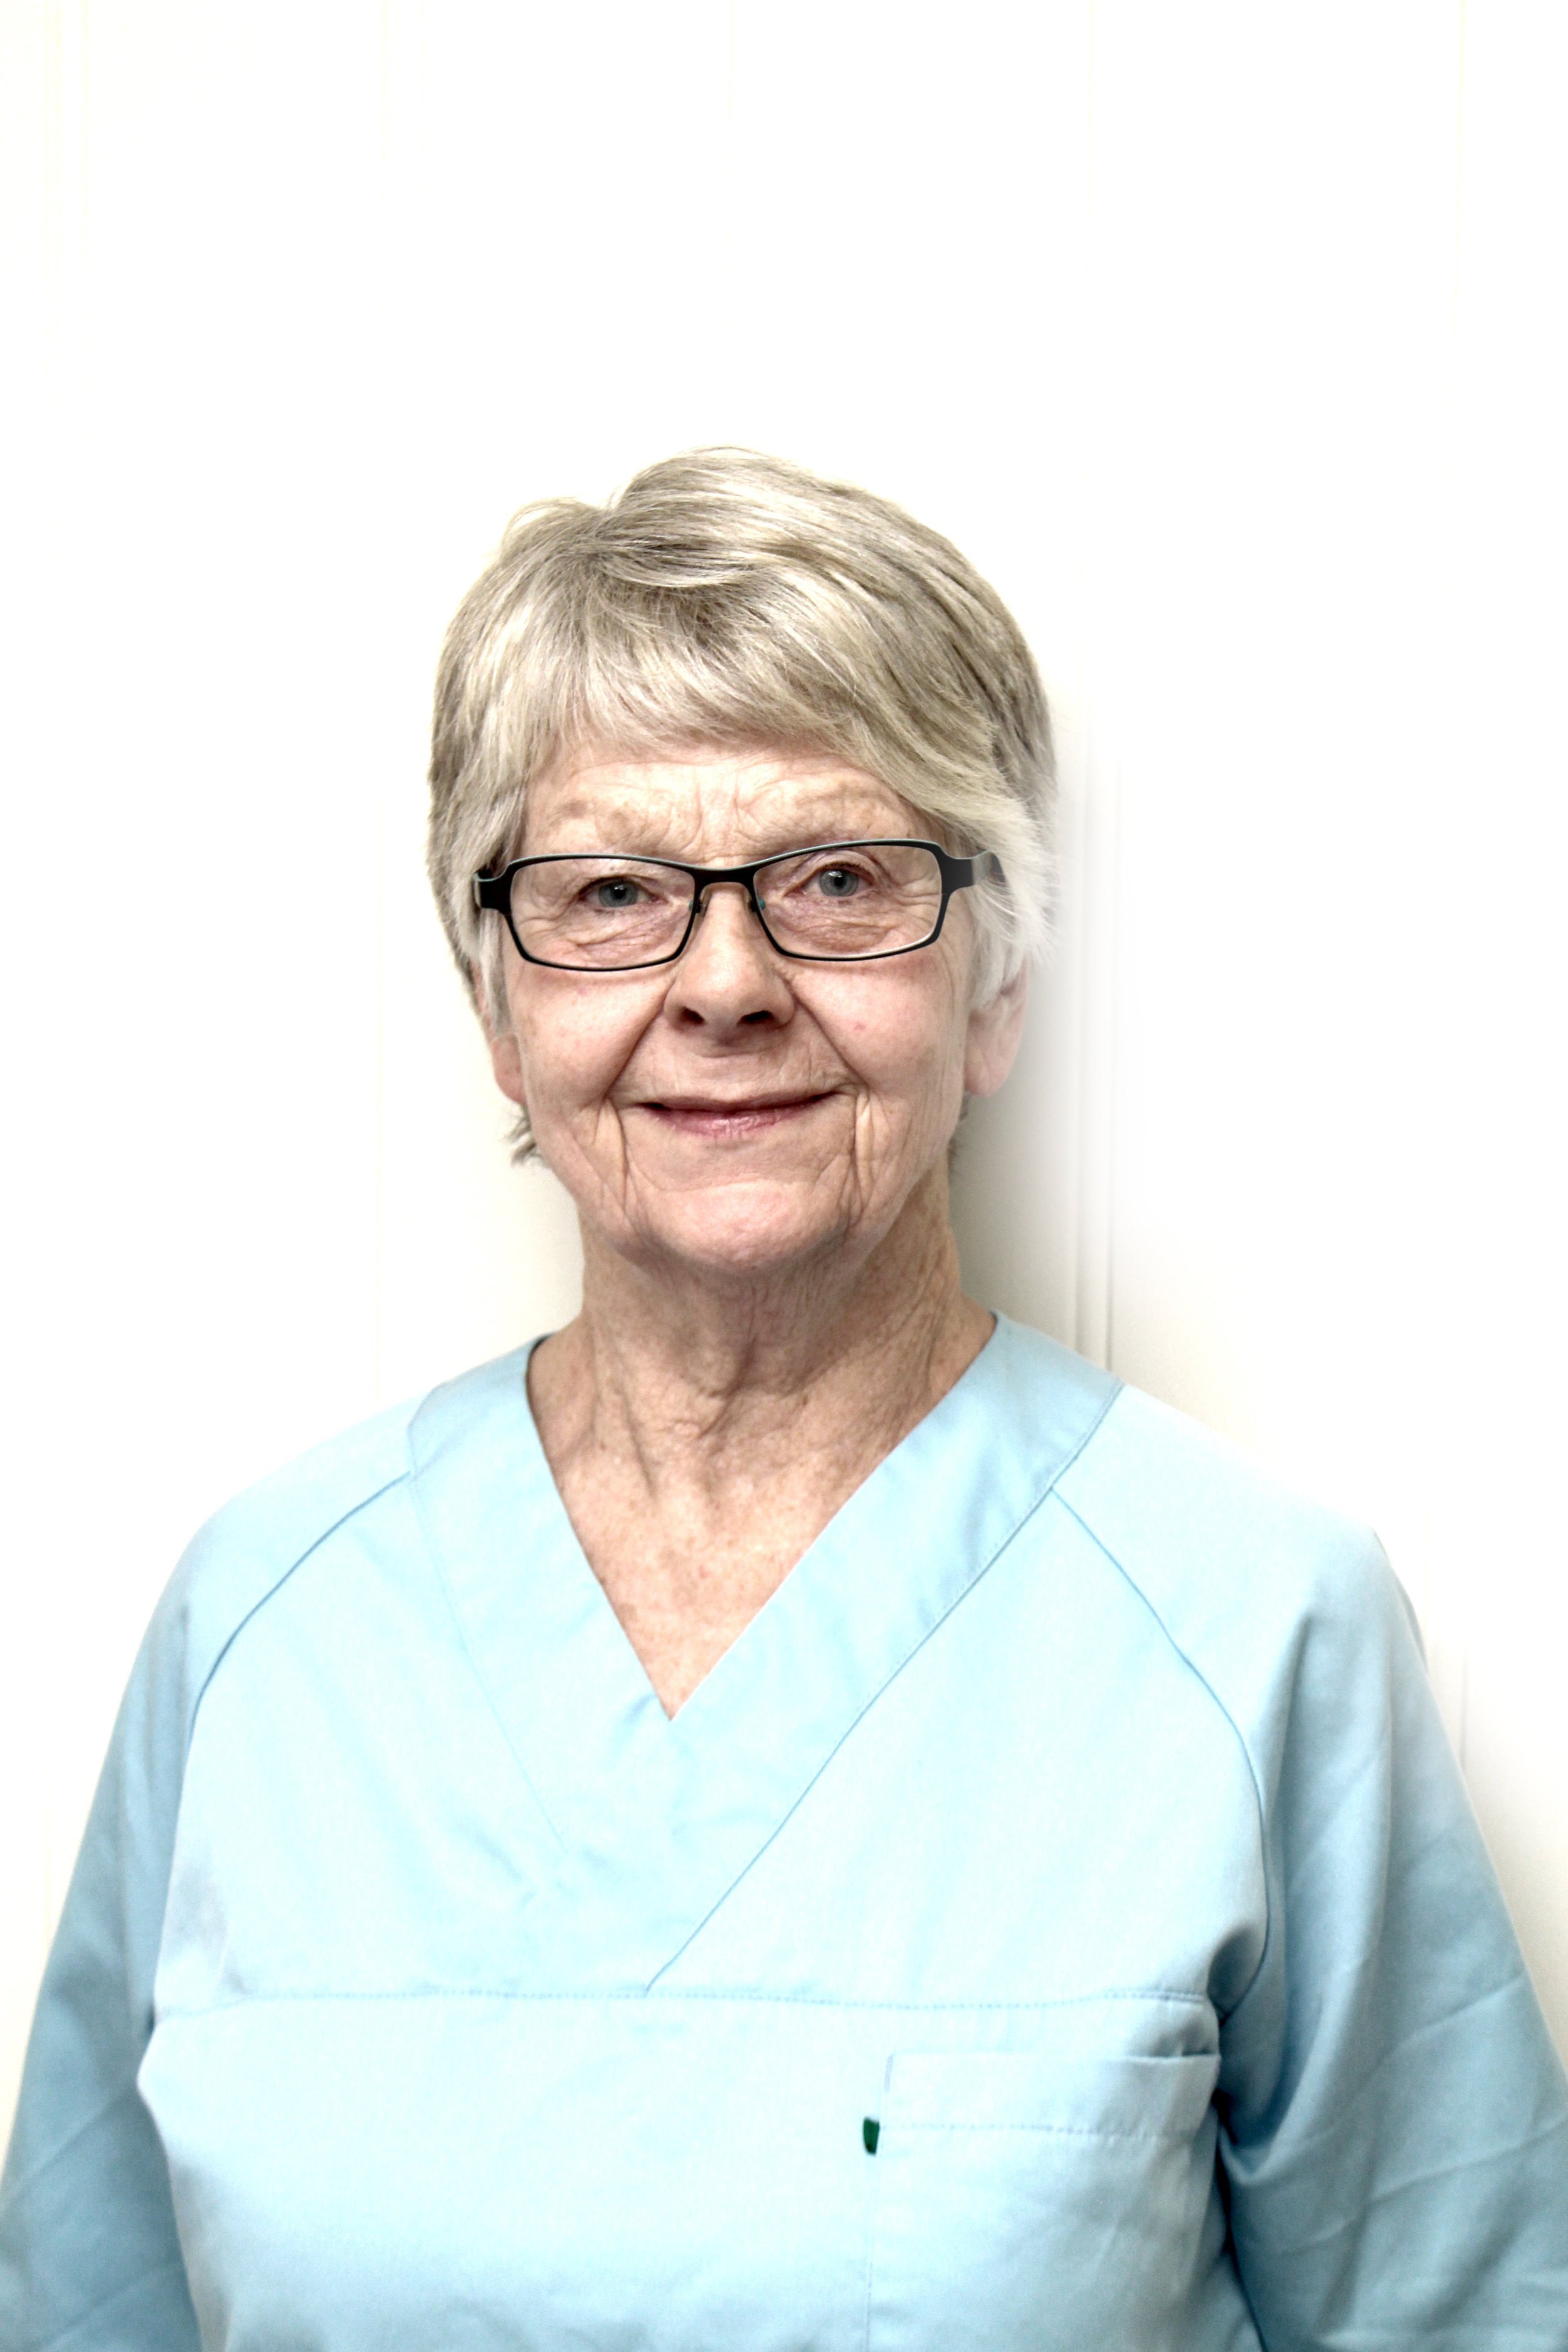 Regnskapsfører Gerd Godøy   Gerd er vår regnskapsfører og er innom kontoret ca. 2 ggr i mnd. Da sitter hun også i resepsjonen og hjelper til med telefonen.